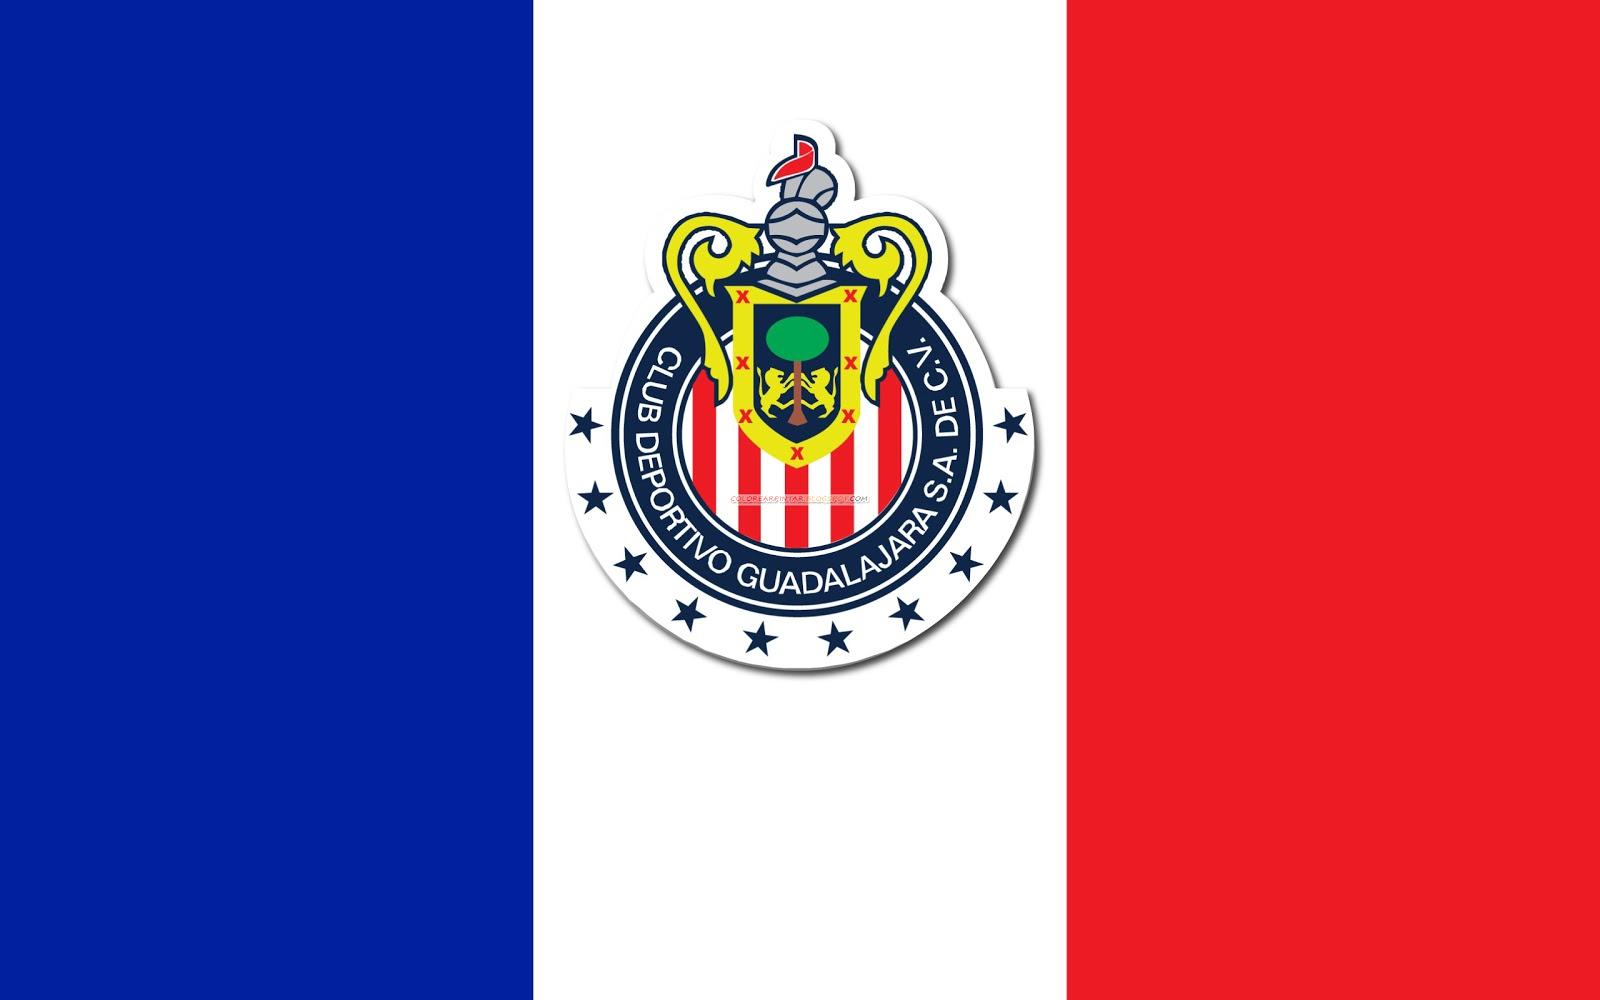 Drapeaux d 39 origine d 39 inspiration fran aises do if am rique centrale et sud - Drapeau de l amerique ...